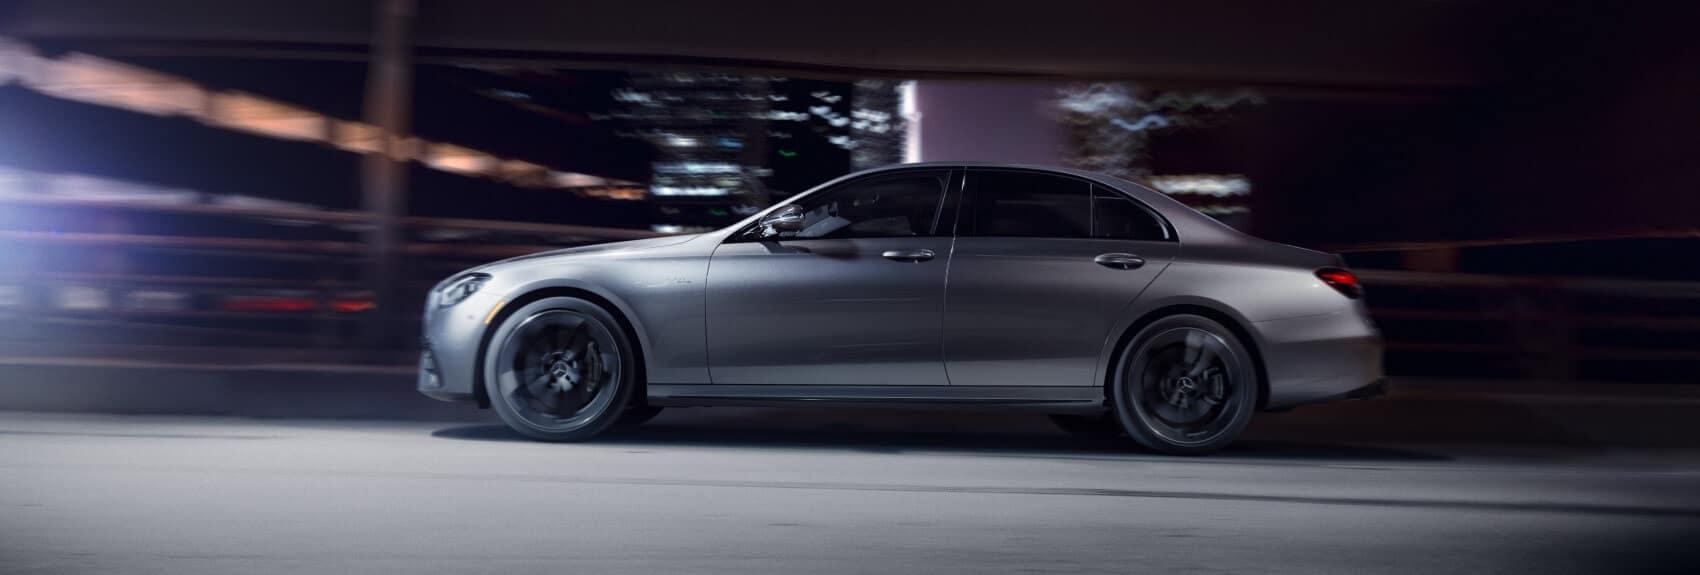 Mercedes-Benz E-Class vs Lexus ES